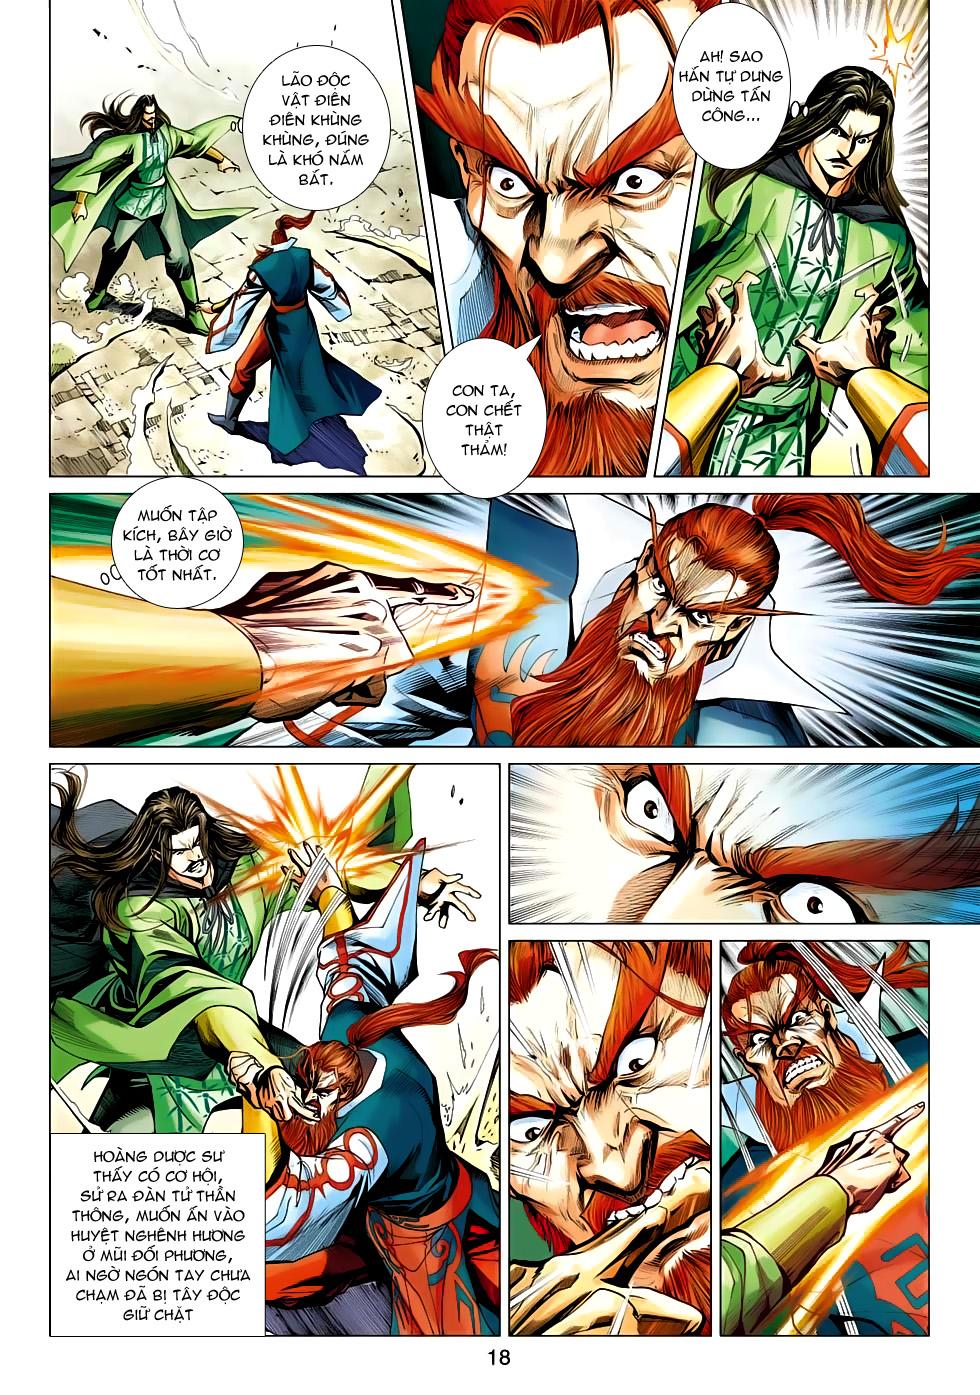 Xạ Điêu Anh Hùng Truyện chap 100 – End Trang 18 - Mangak.info